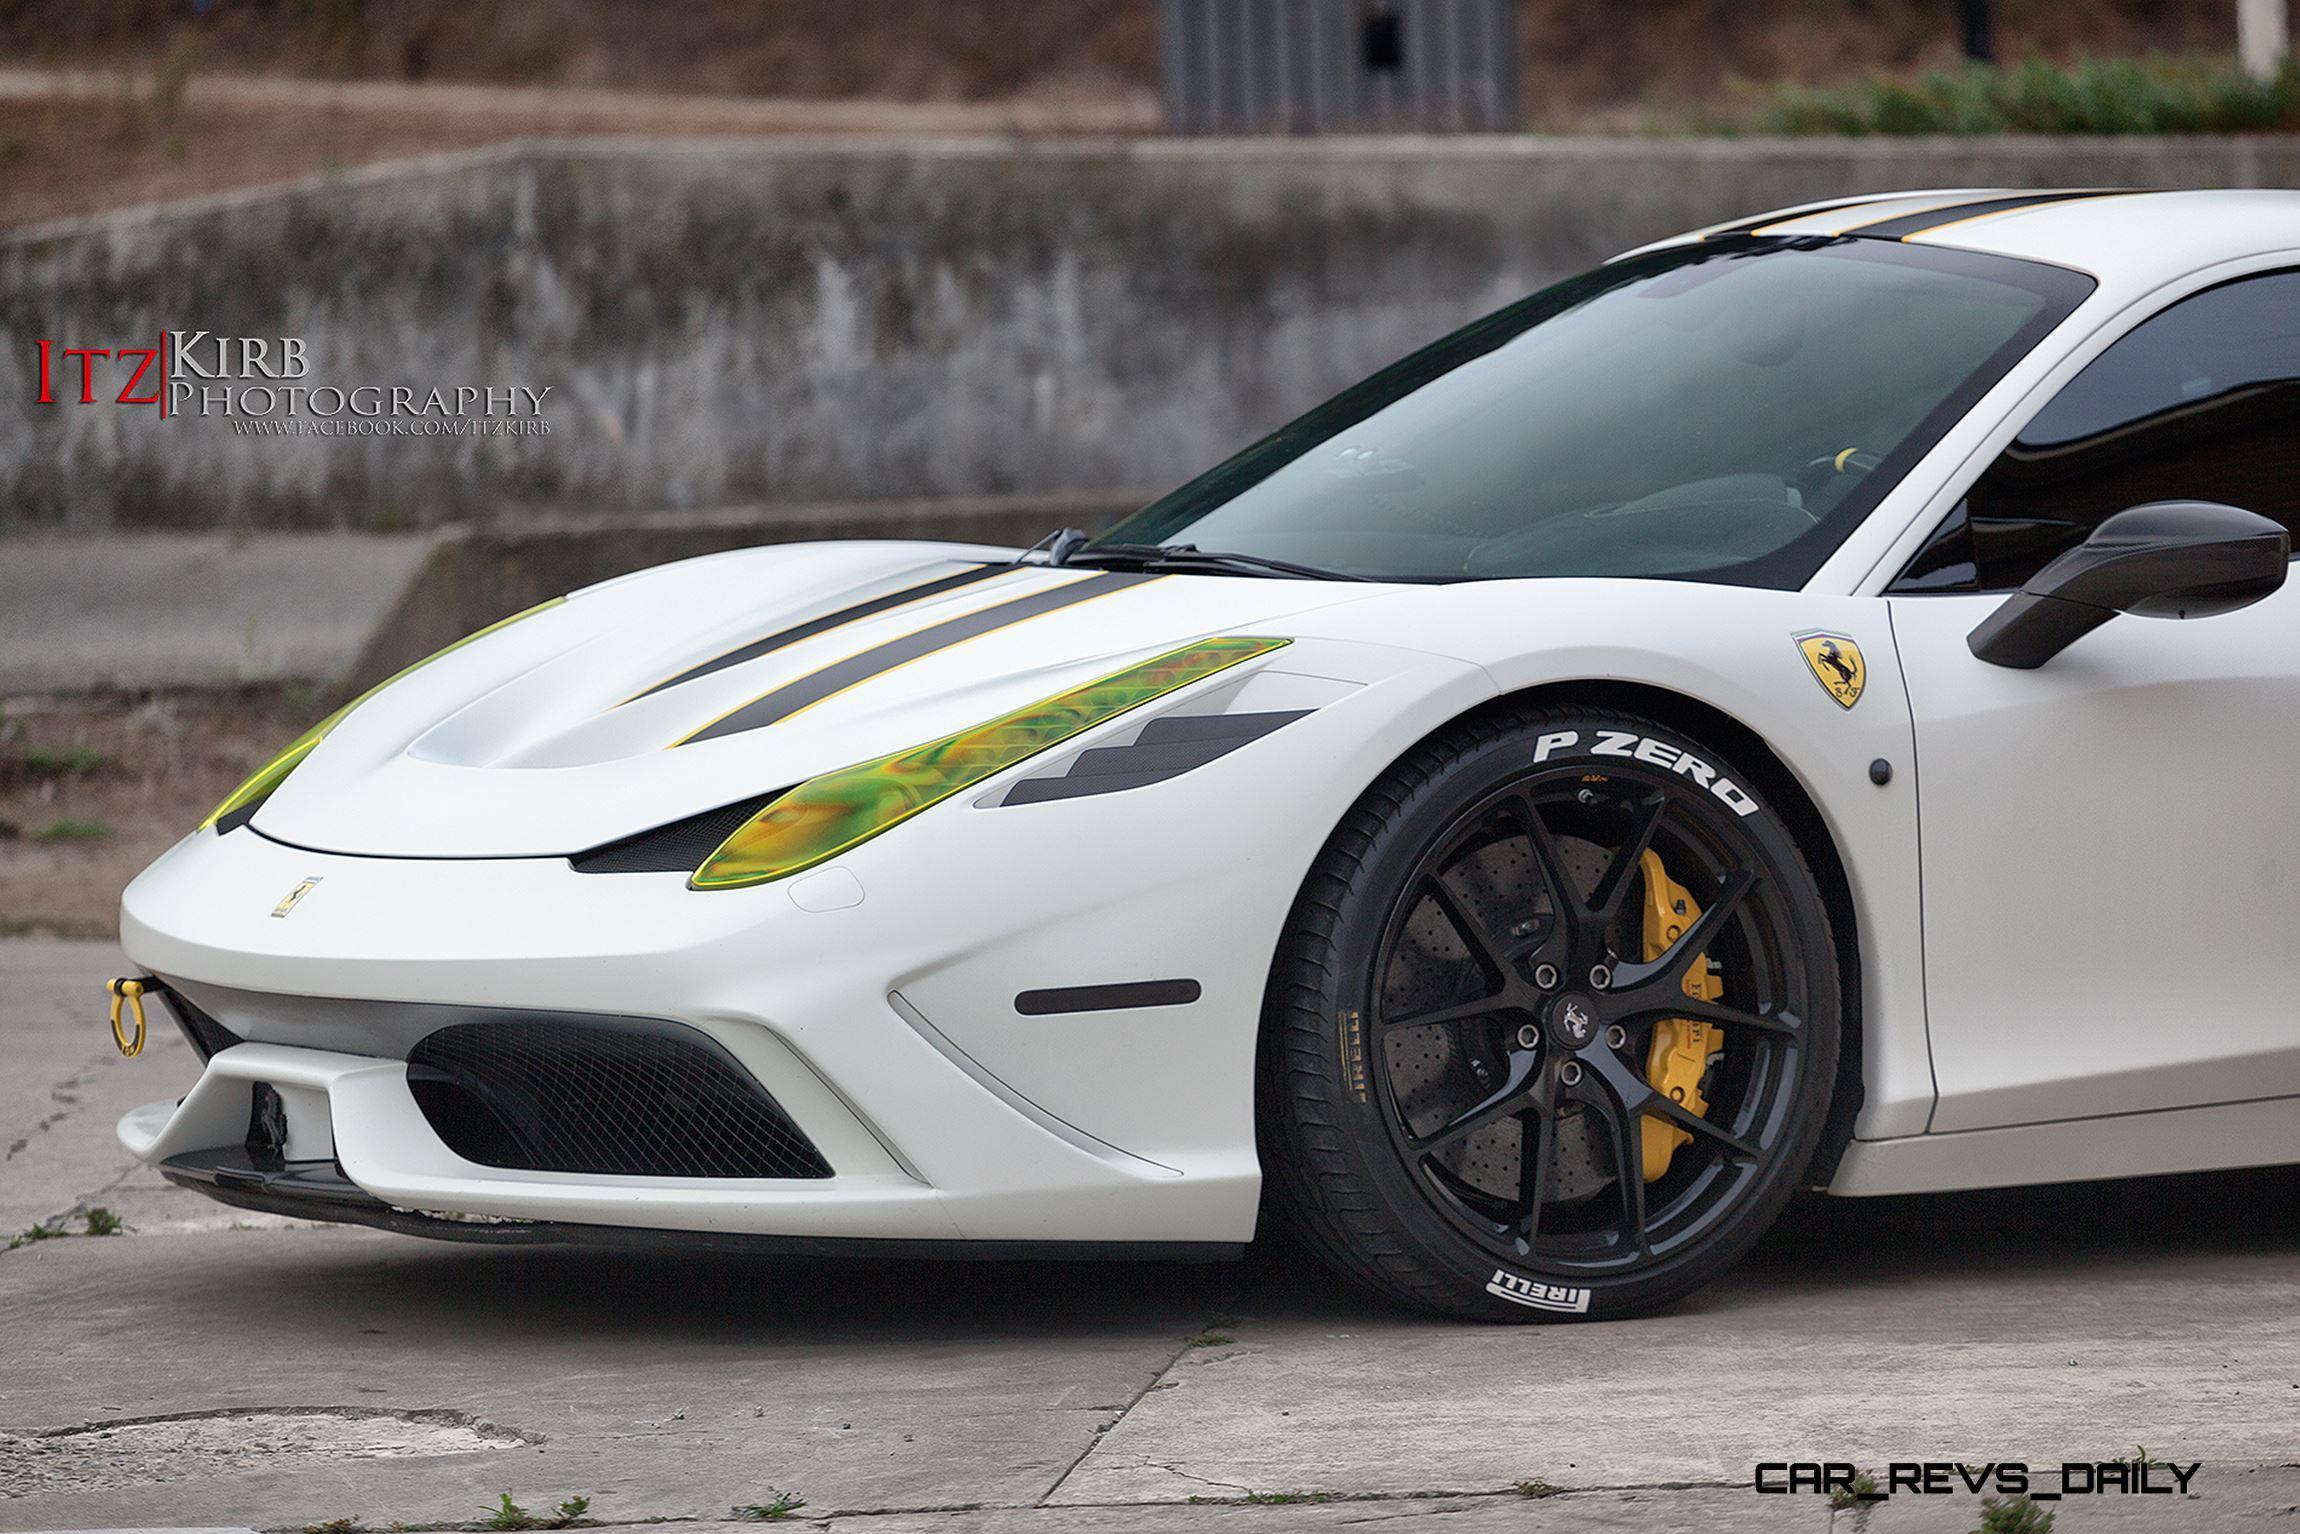 2015 Ferrari 458 Speciale >> TrendWatch - Stenciled Tires Escape Racetrack, Sex Up ...